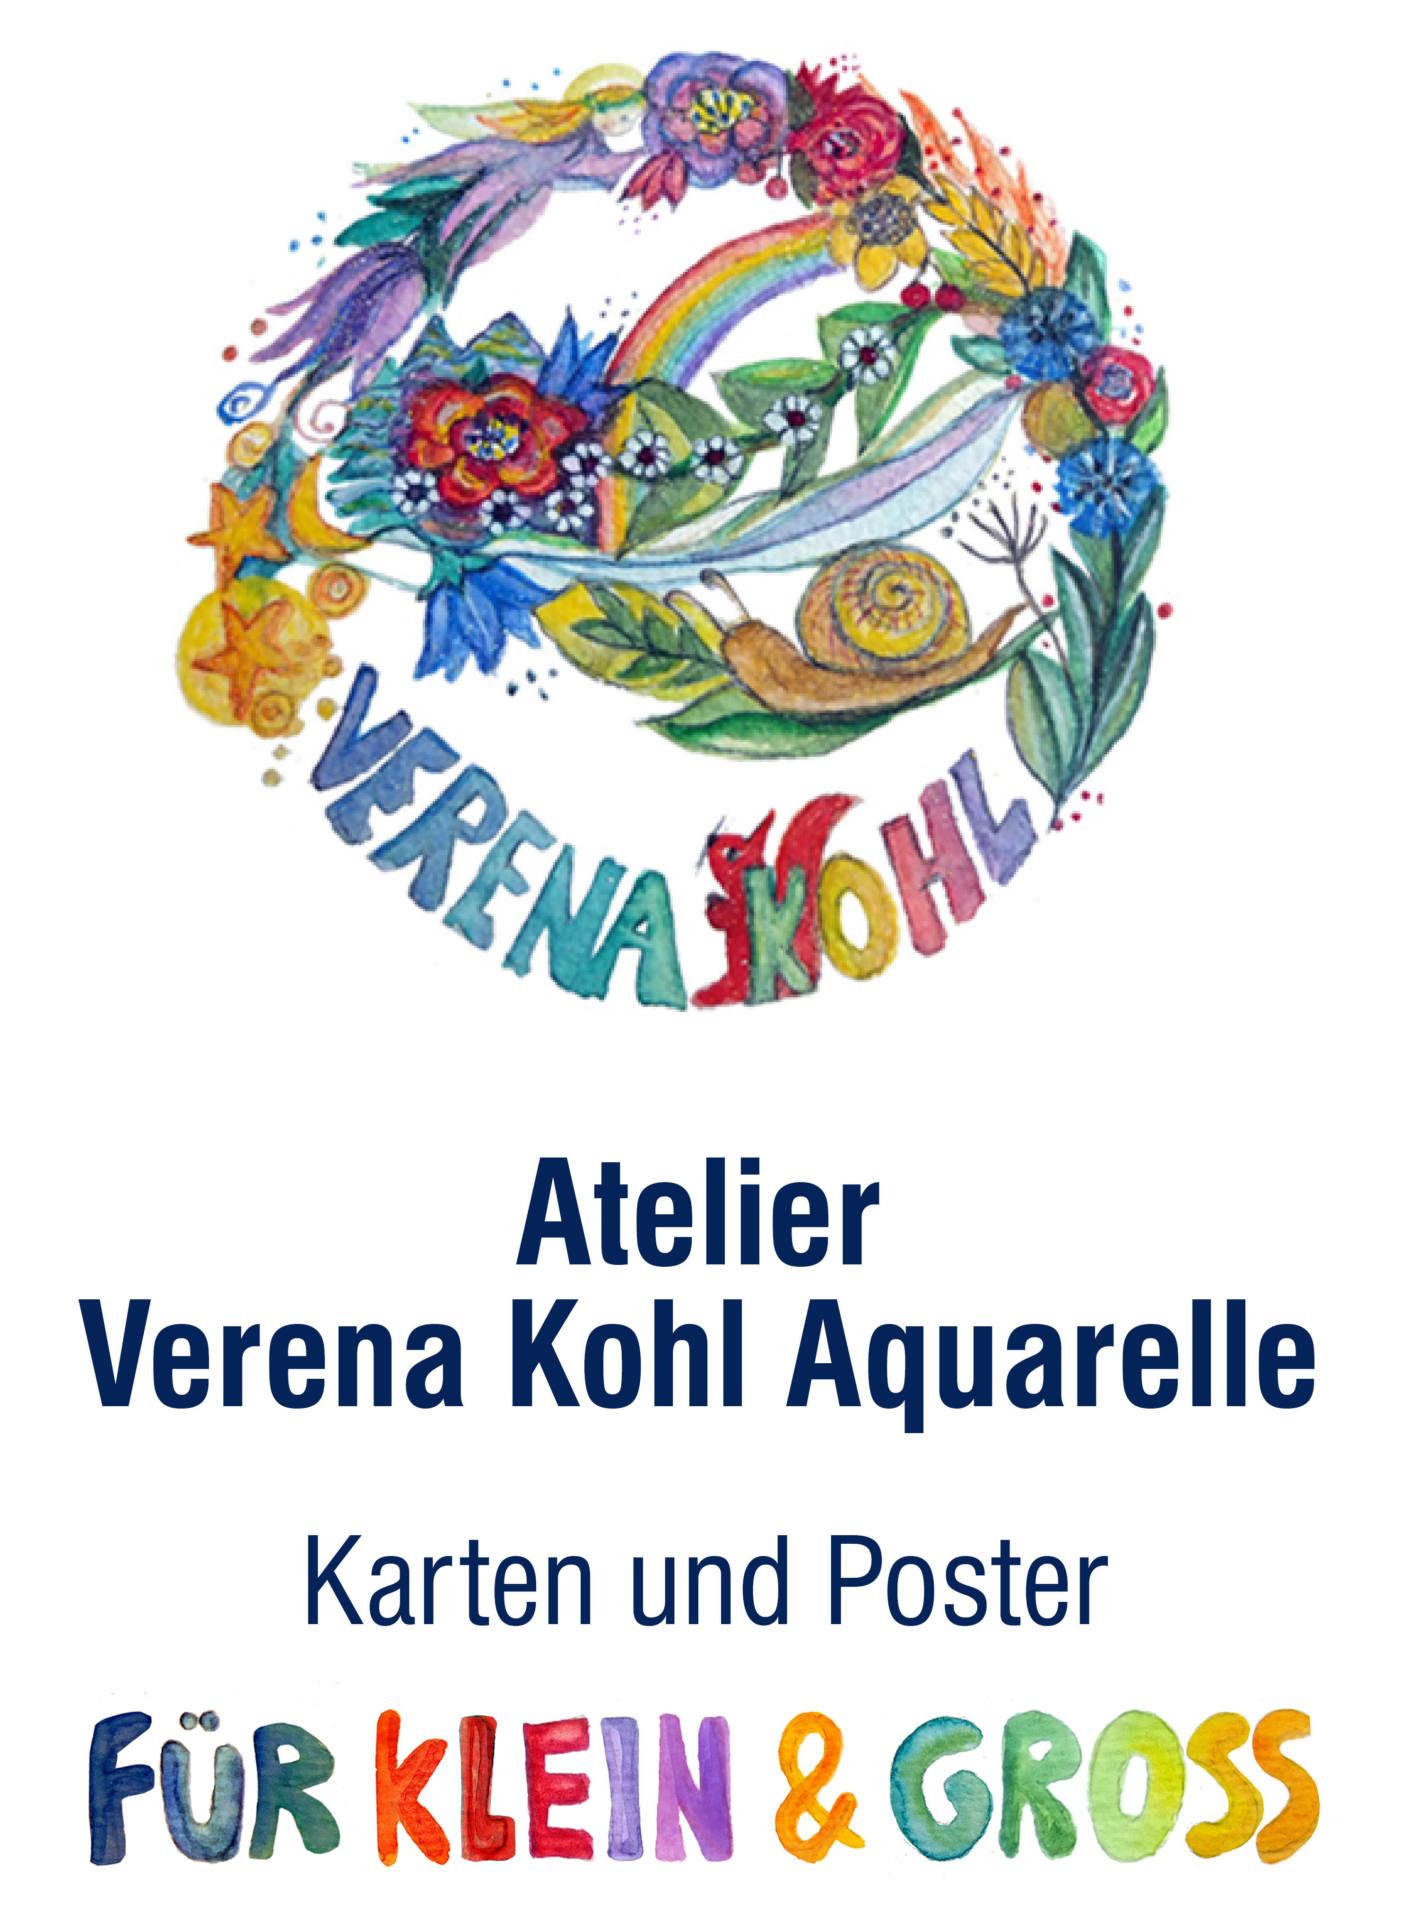 Atelier Verena Kohl